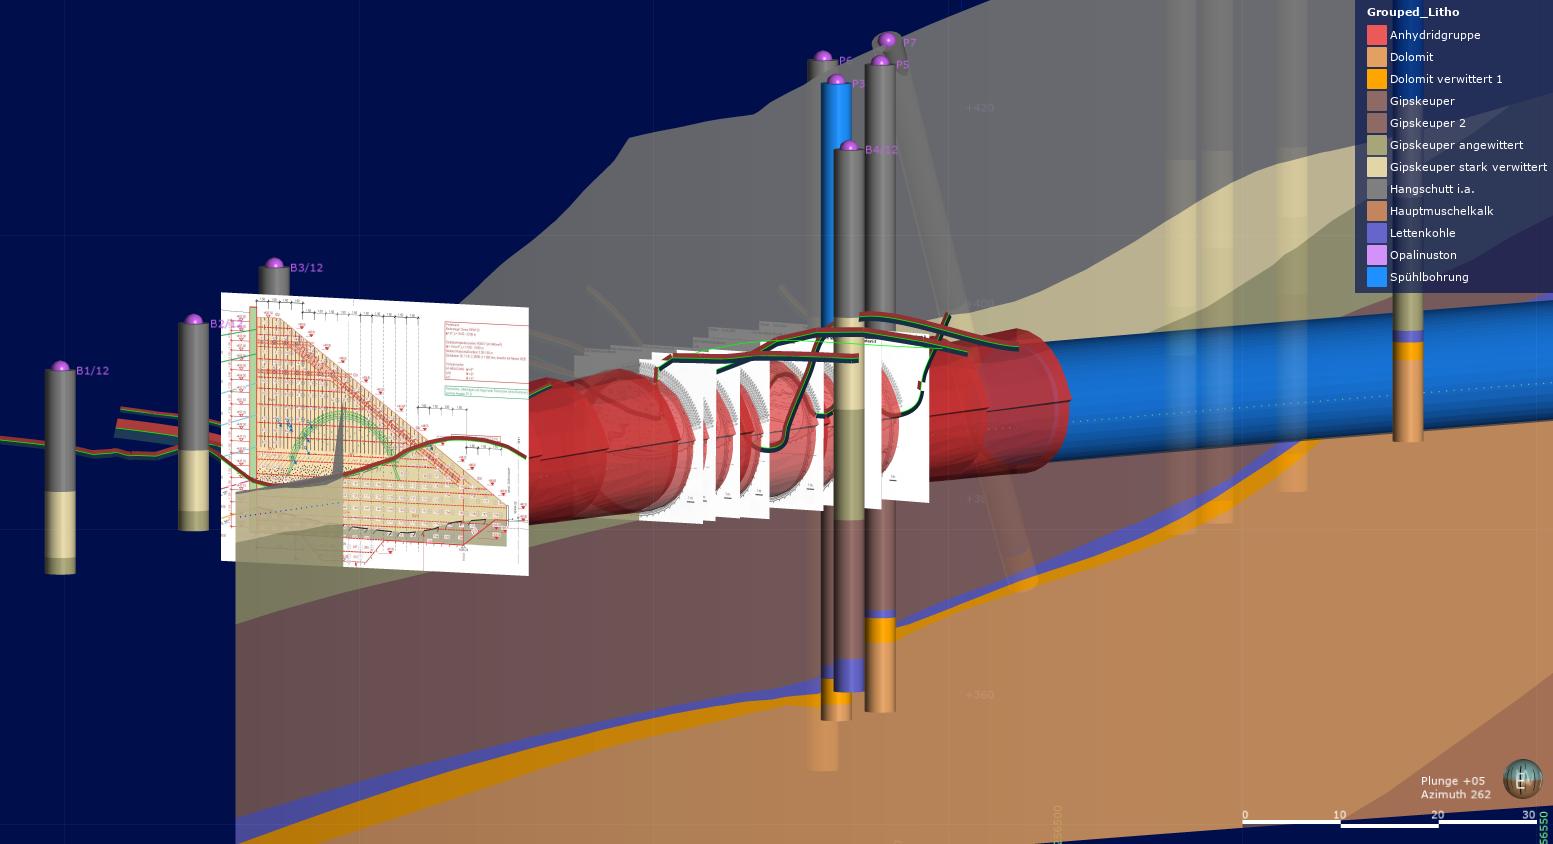 BIM 3D-Modelle mit Geodaten bewähren sich in der Praxis